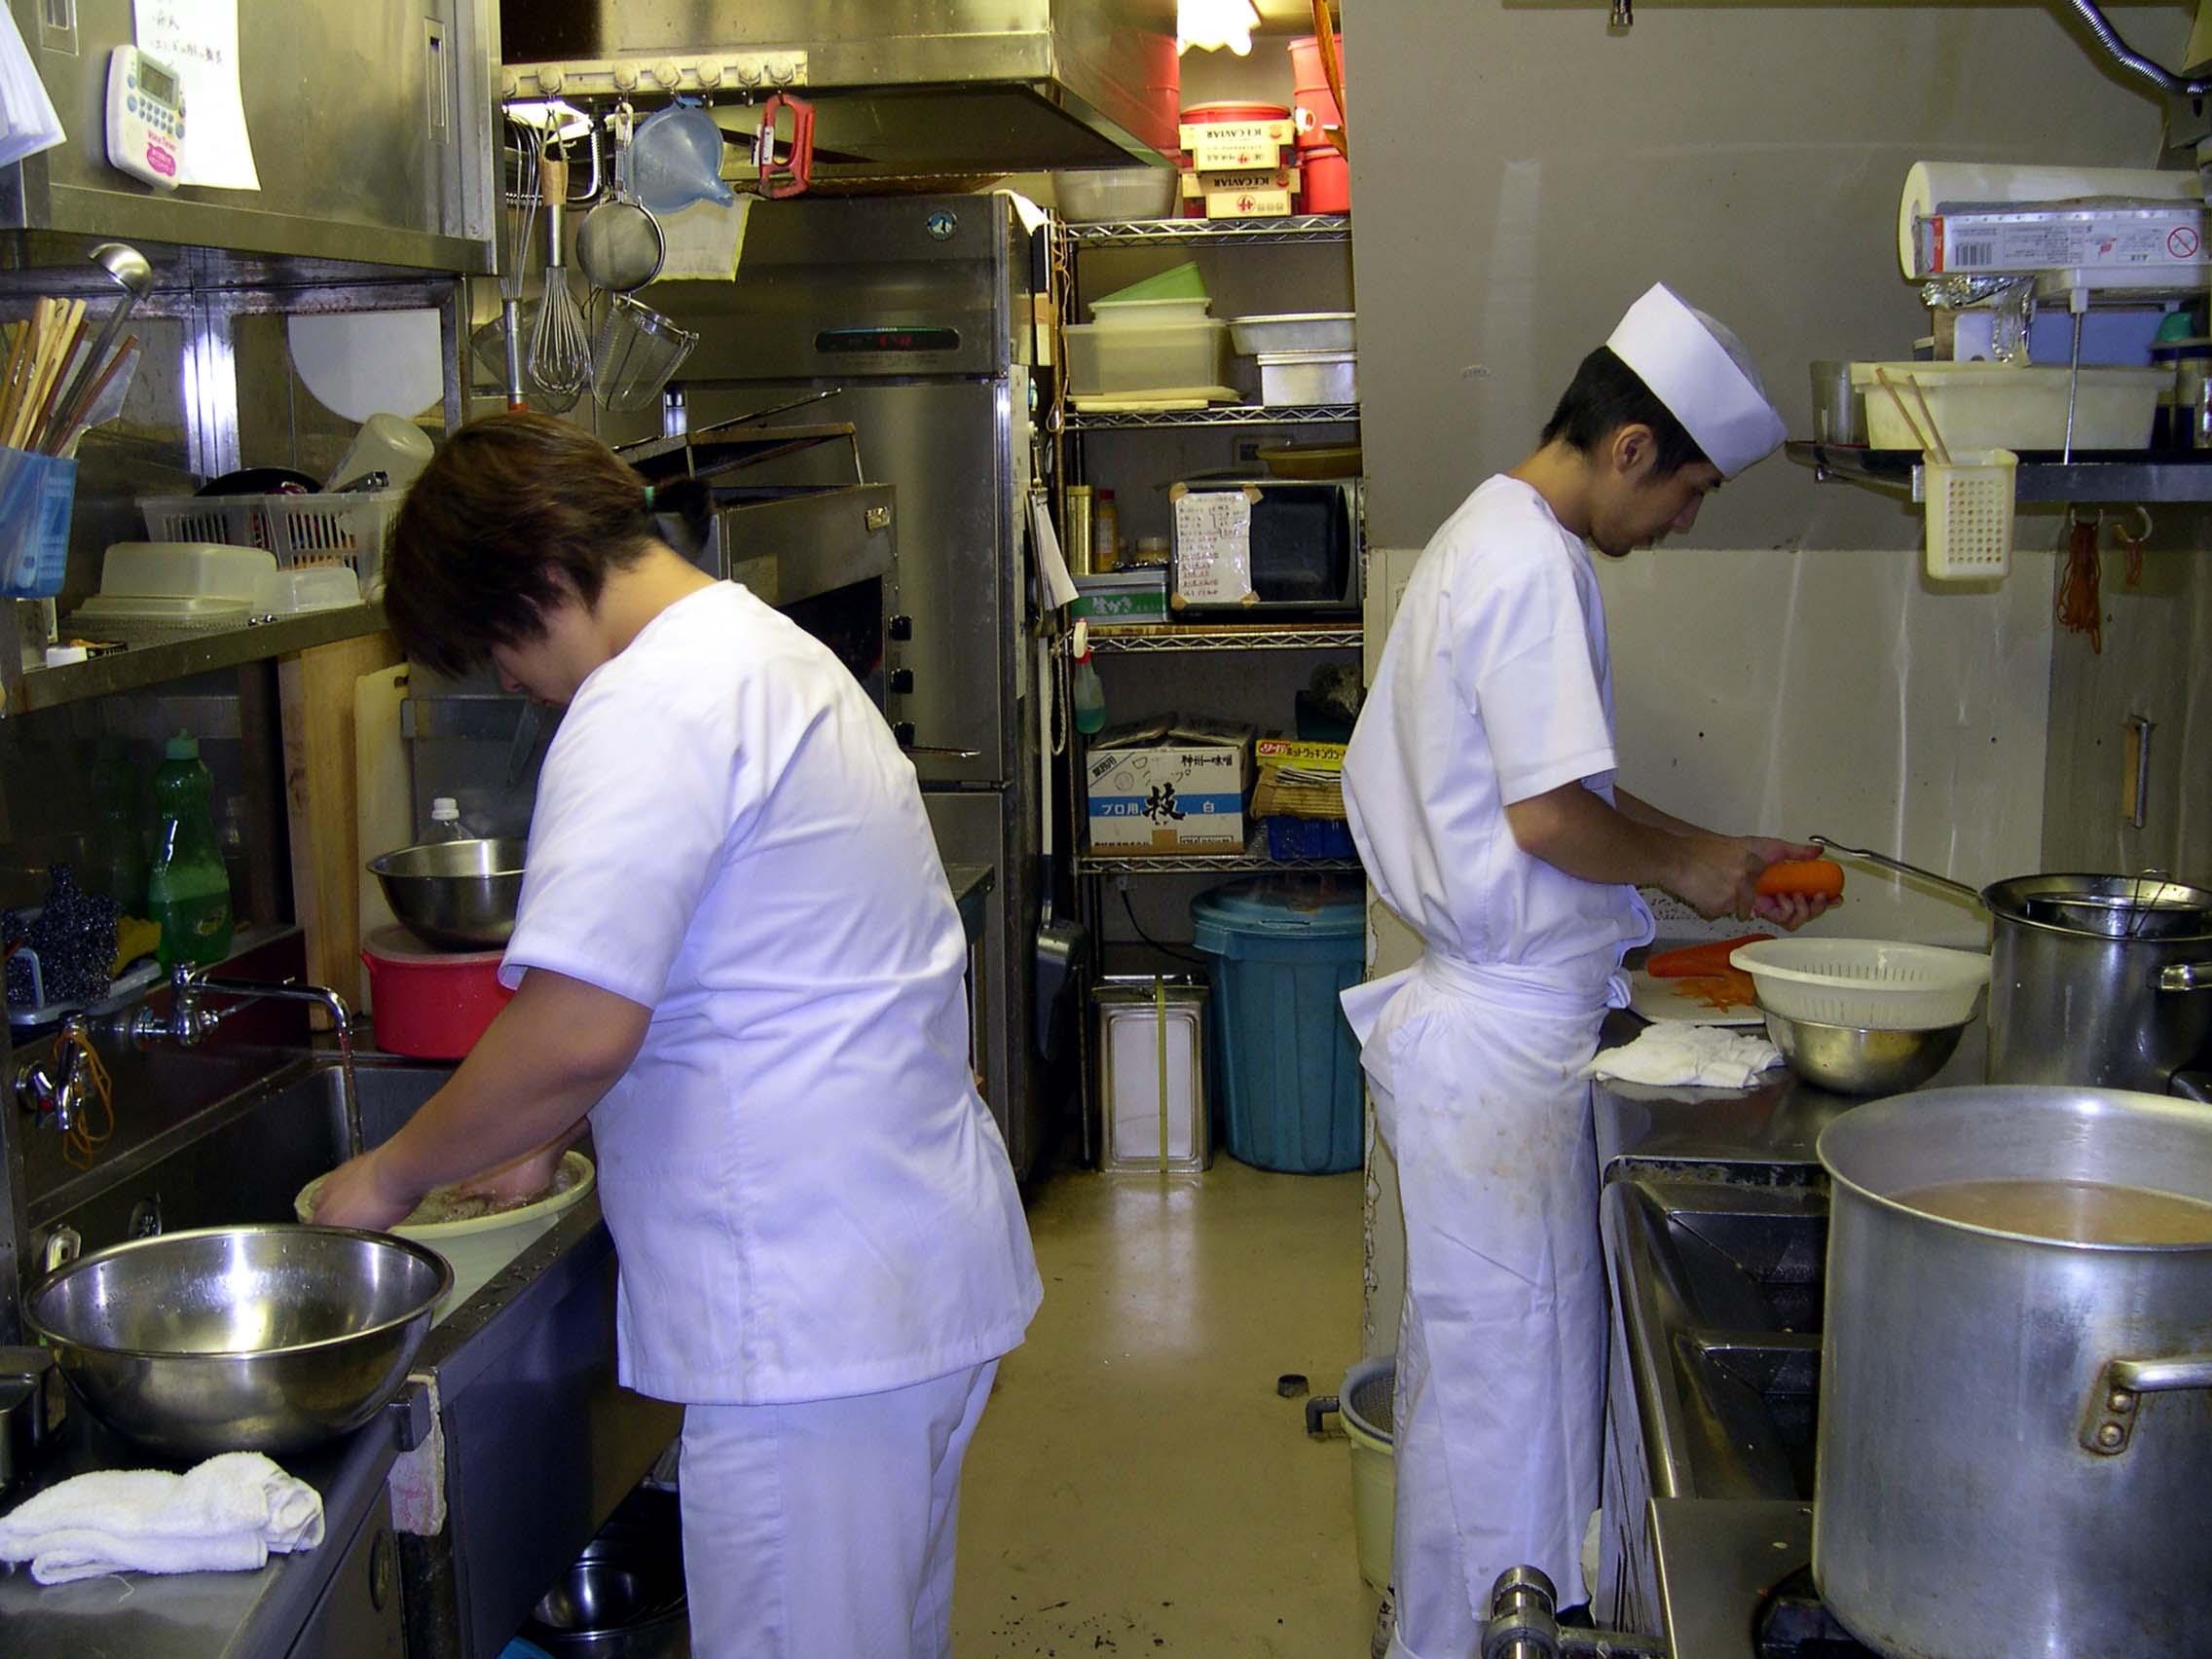 はじめましておさかな食堂です。_e0160513_12541292.jpg